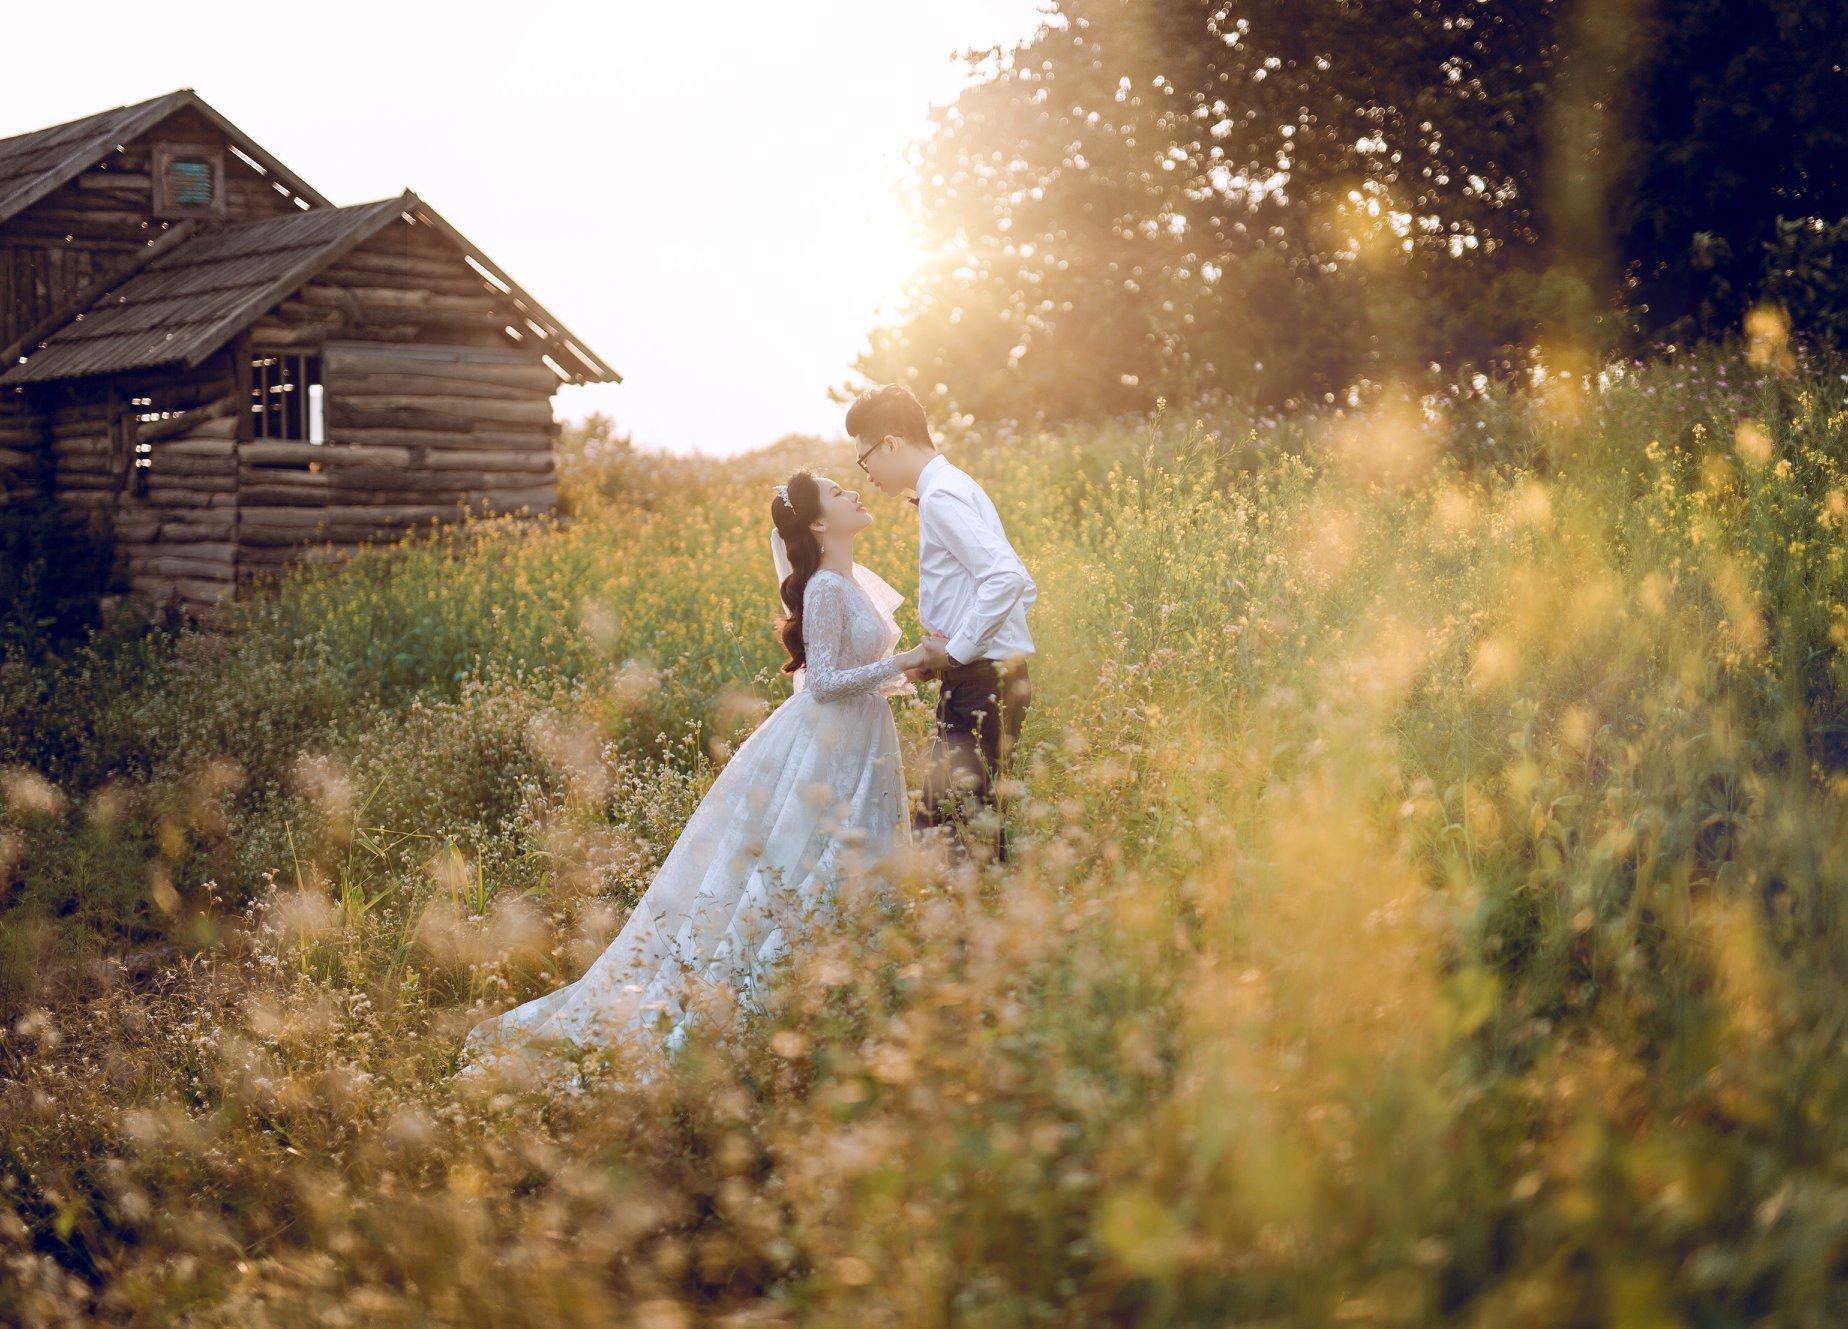 Tư vấn địa điểm chụp ảnh cưới mùa xuân tại Hà Nội